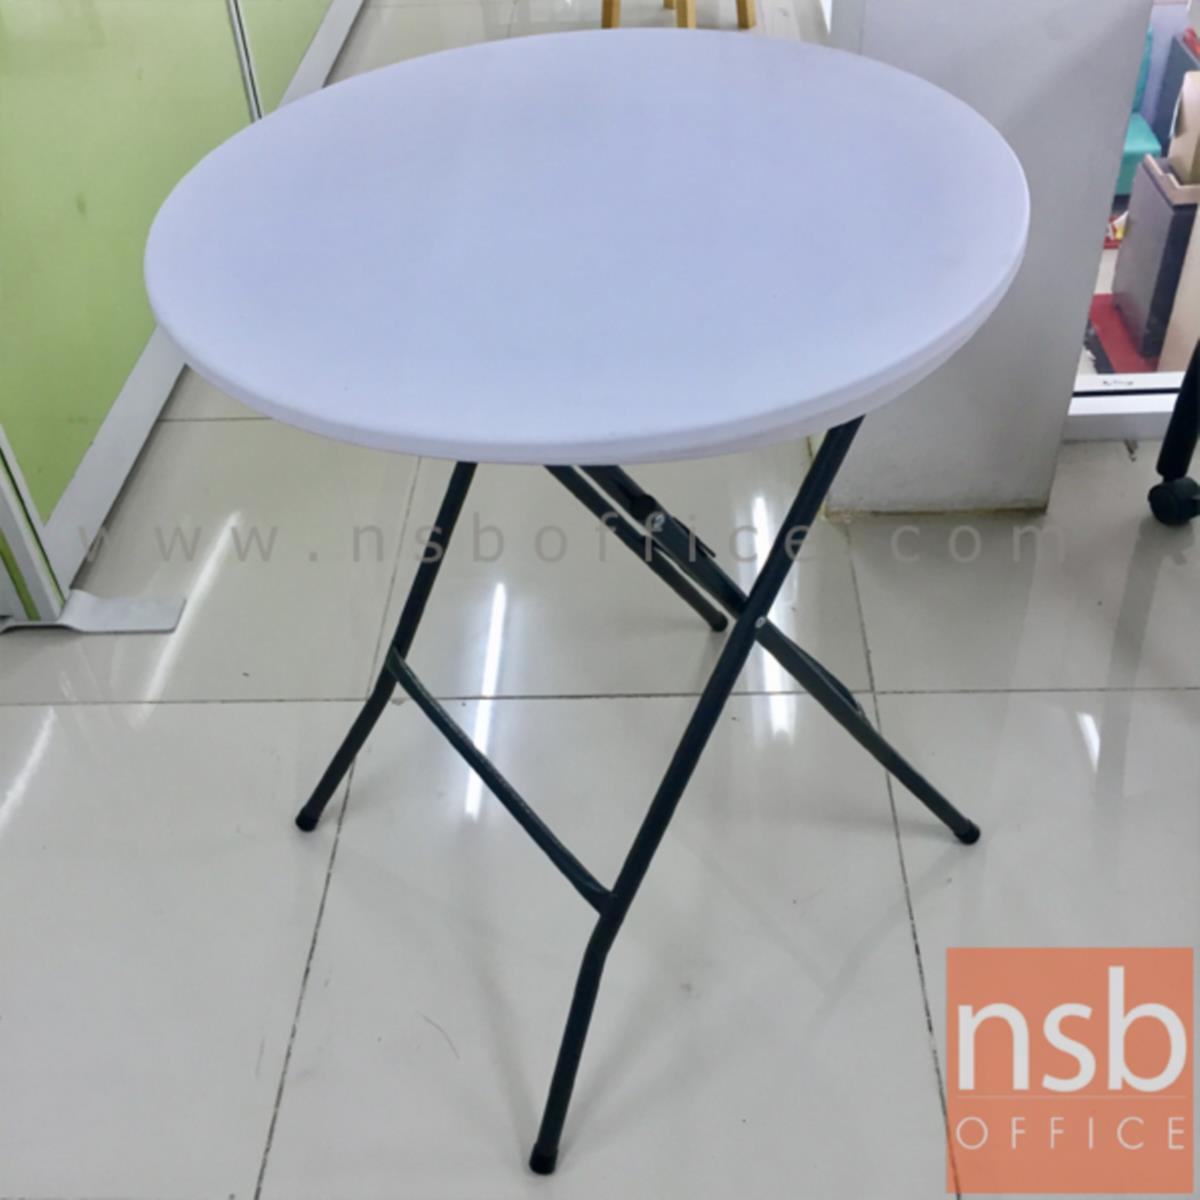 โต๊ะพับหน้าพลาสติก รุ่น Bahama (บาฮาม่า) ขนาด 61Di cm.  ขาเตารีดอีพ็อกซีเกล็ดเงิน